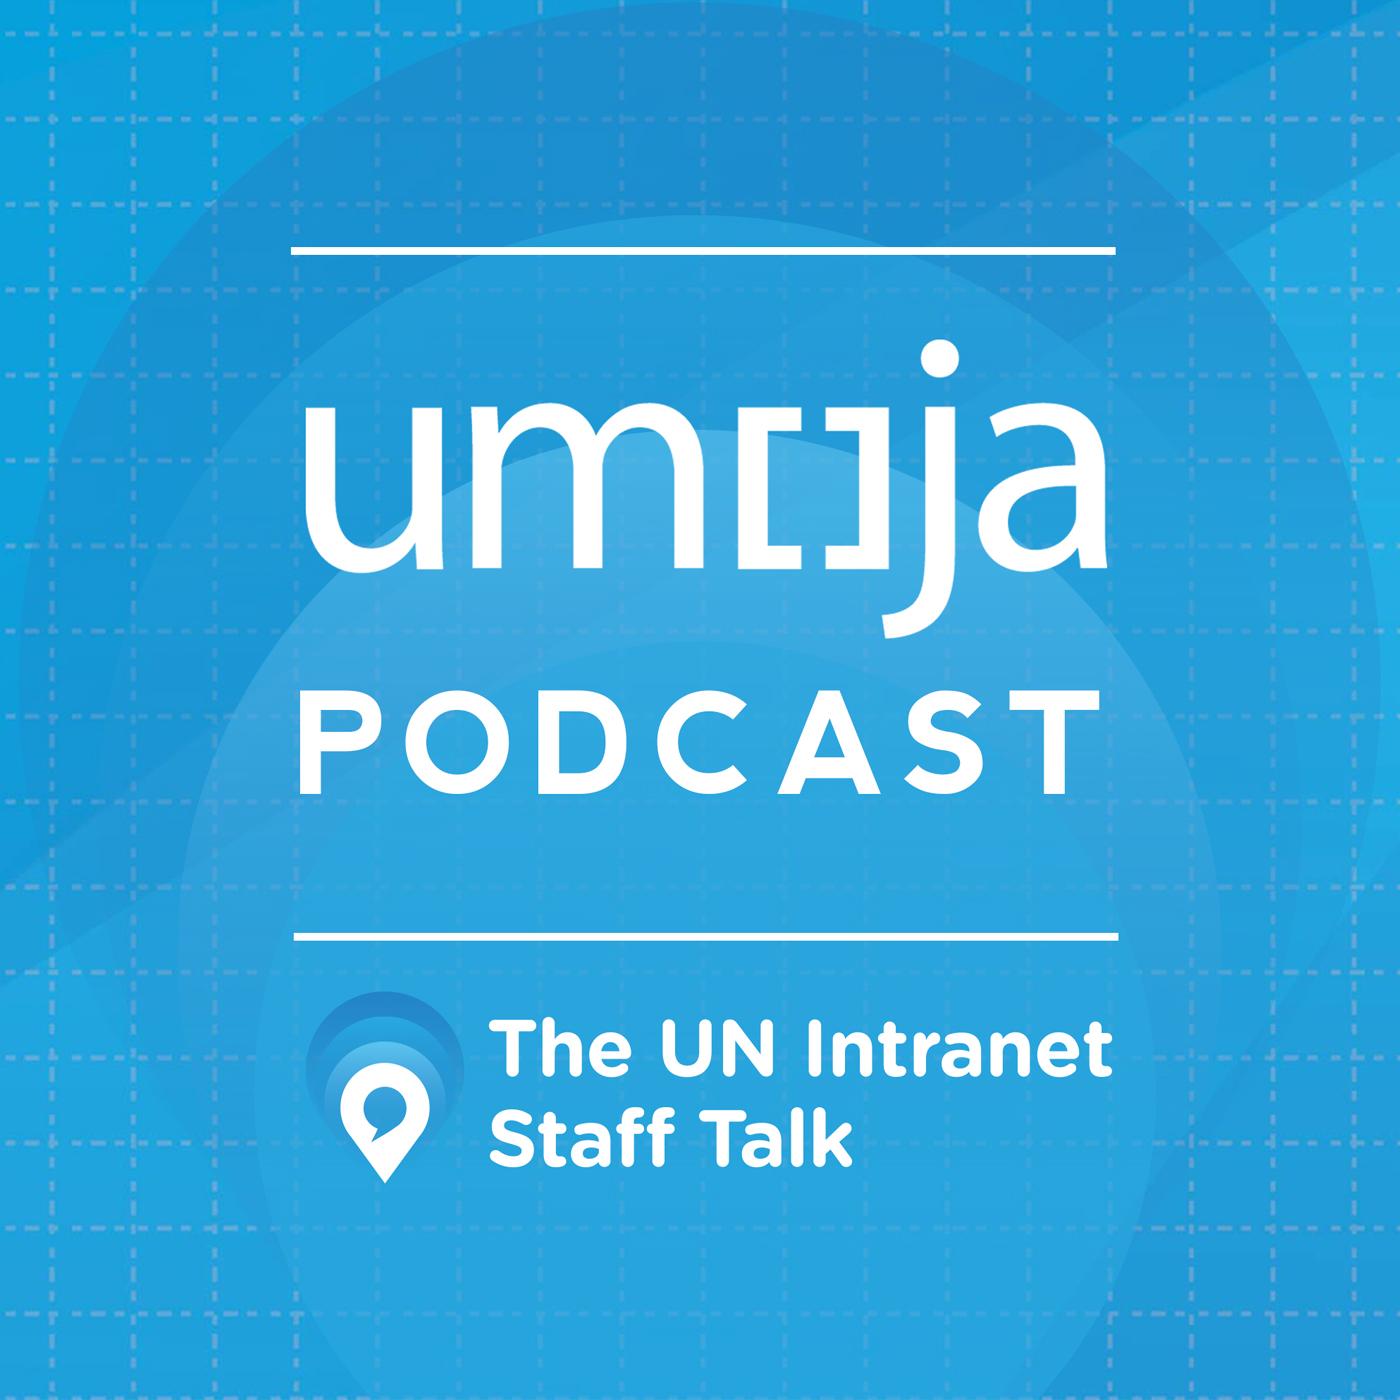 Umoja Podcast